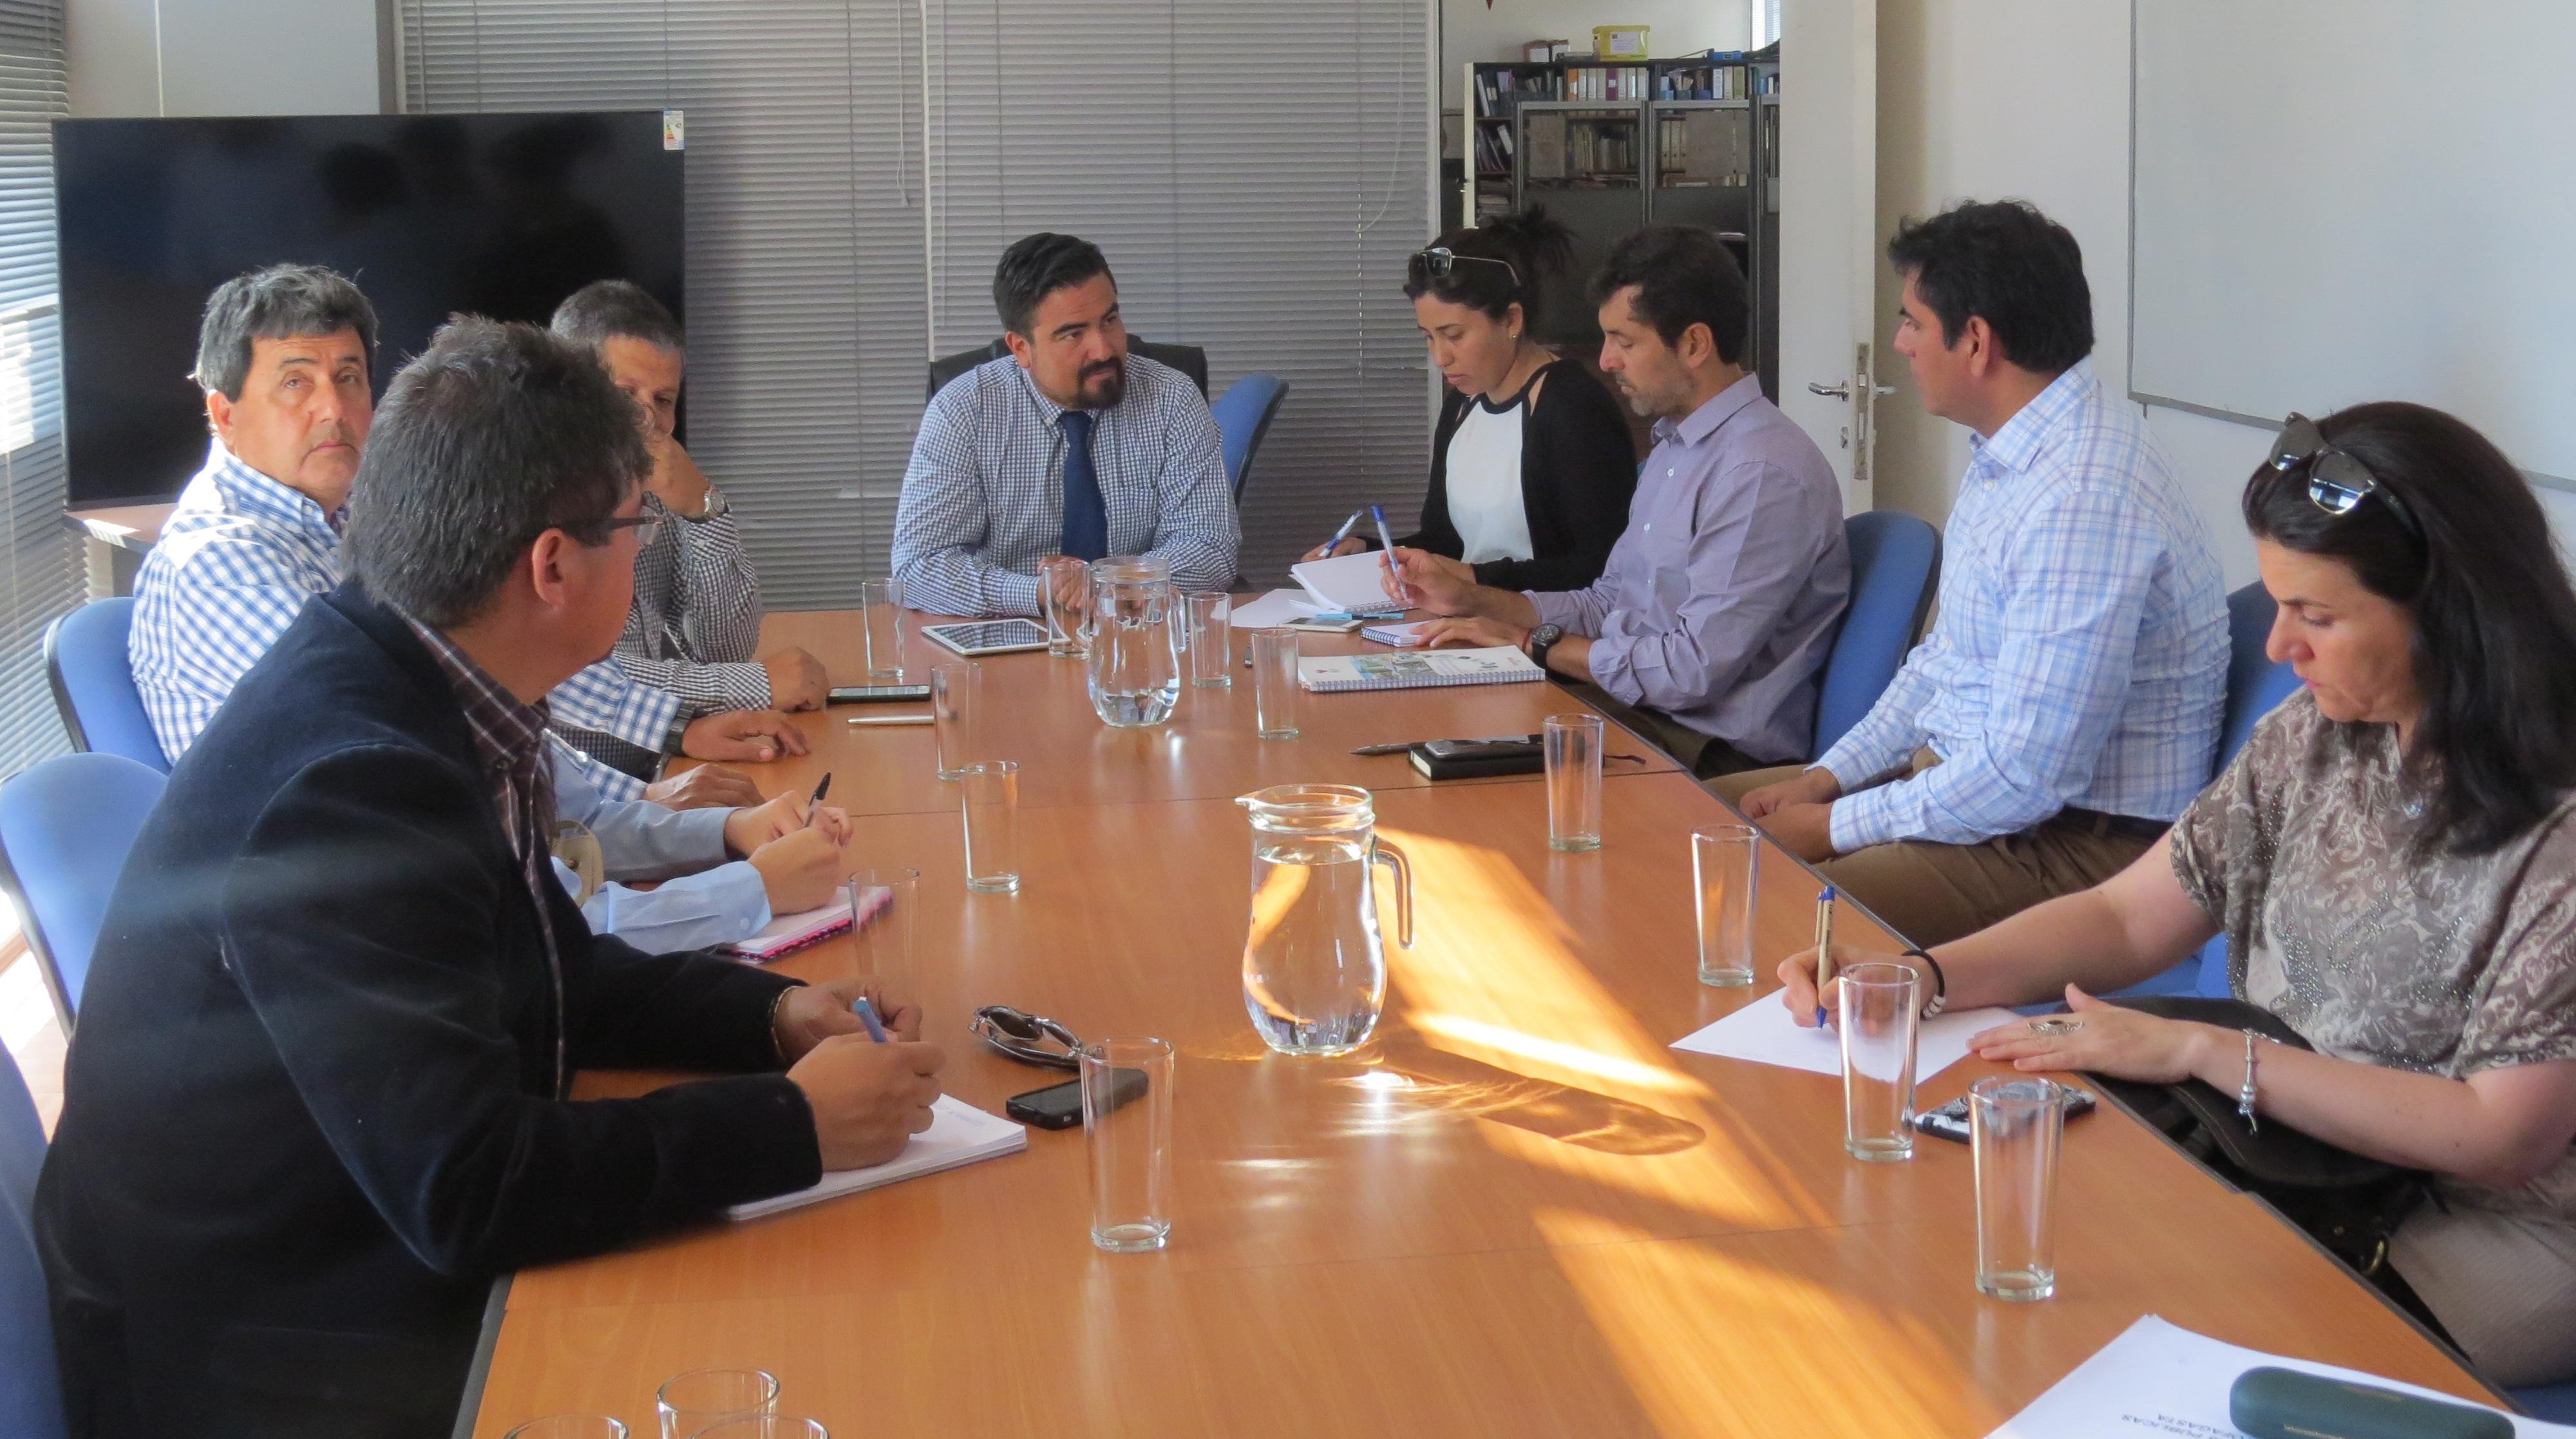 A empresas de <mark>infraestructura</mark> MOP realiza charla sobre registro de contratistas noticias